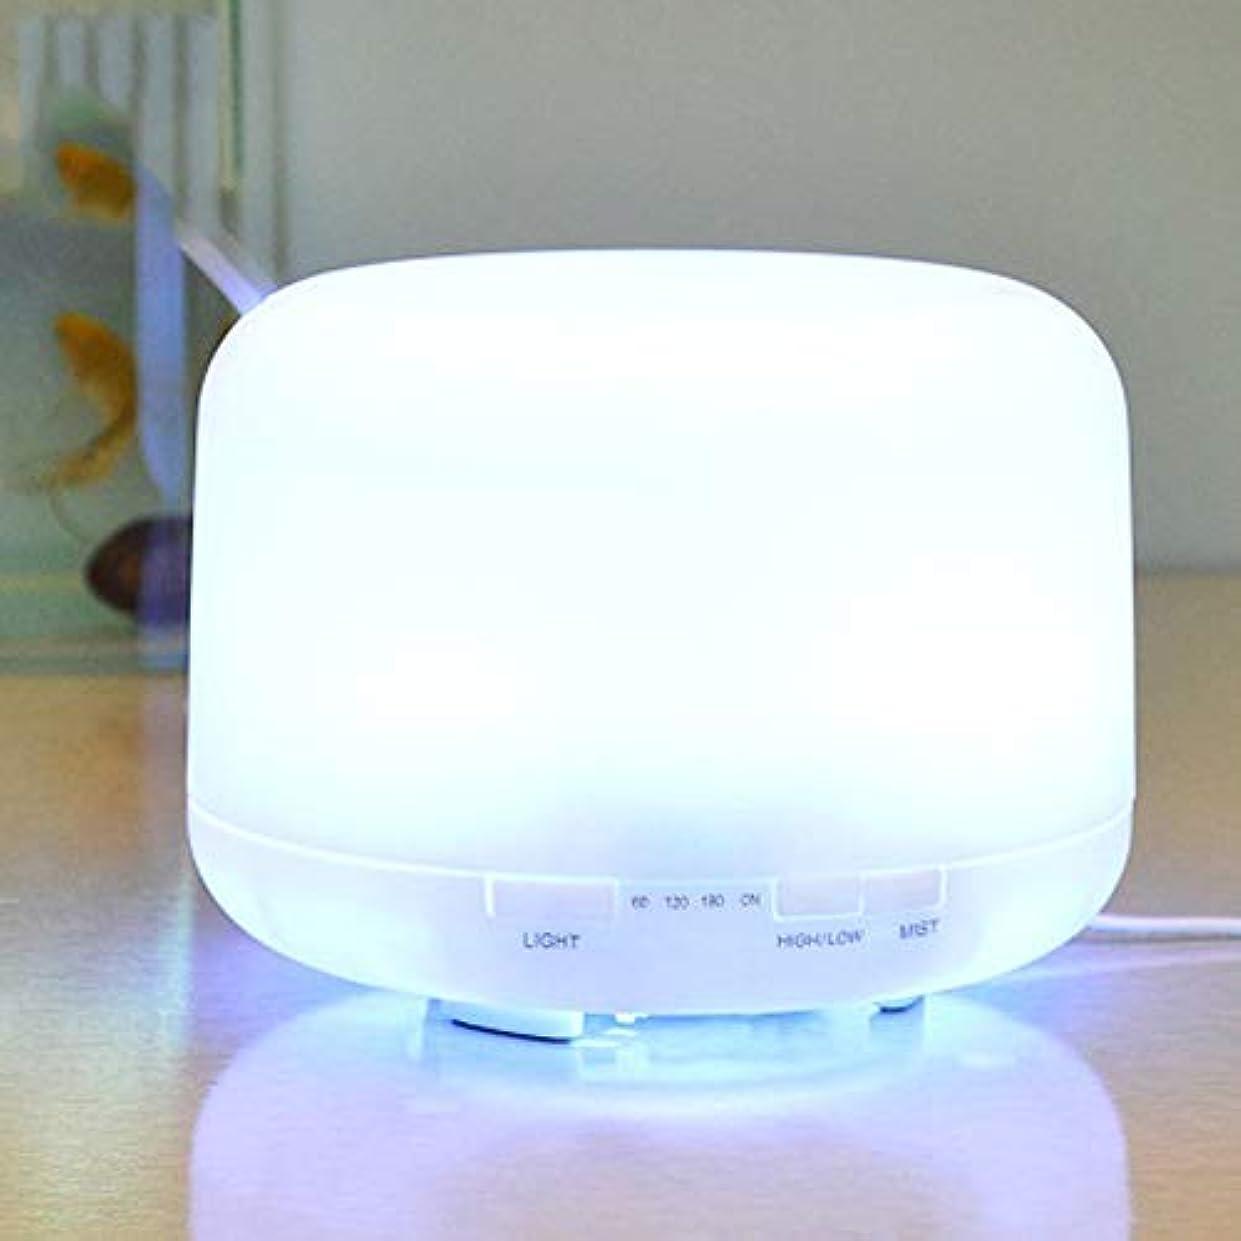 酸度是正するプロフェッショナル1000ml のエッセンシャルオイルディフューザー、プレミアム超音波アロマセラピー香りオイルディフューザー気化器、タイマーと水なしオートオフ、7 LED ライトカラー